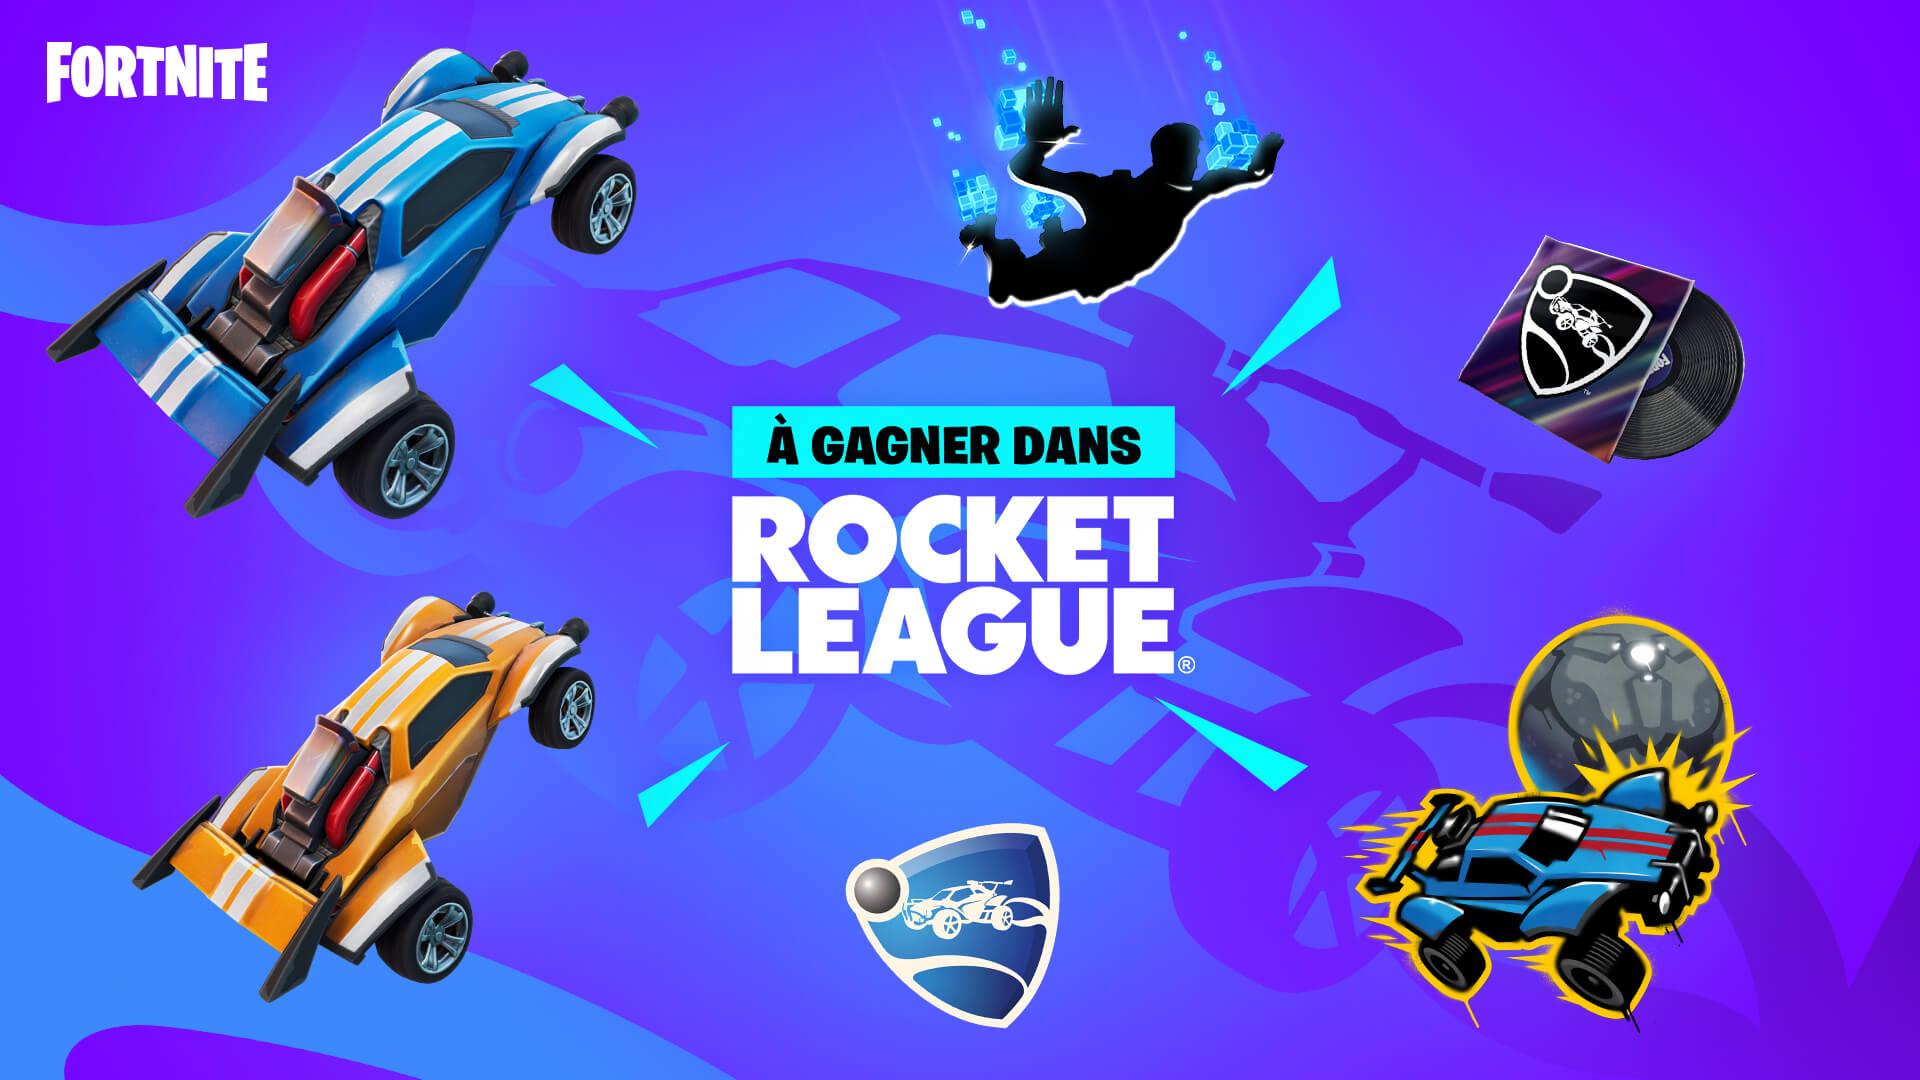 FR Rocket League Fortnite Challenges And Rewards